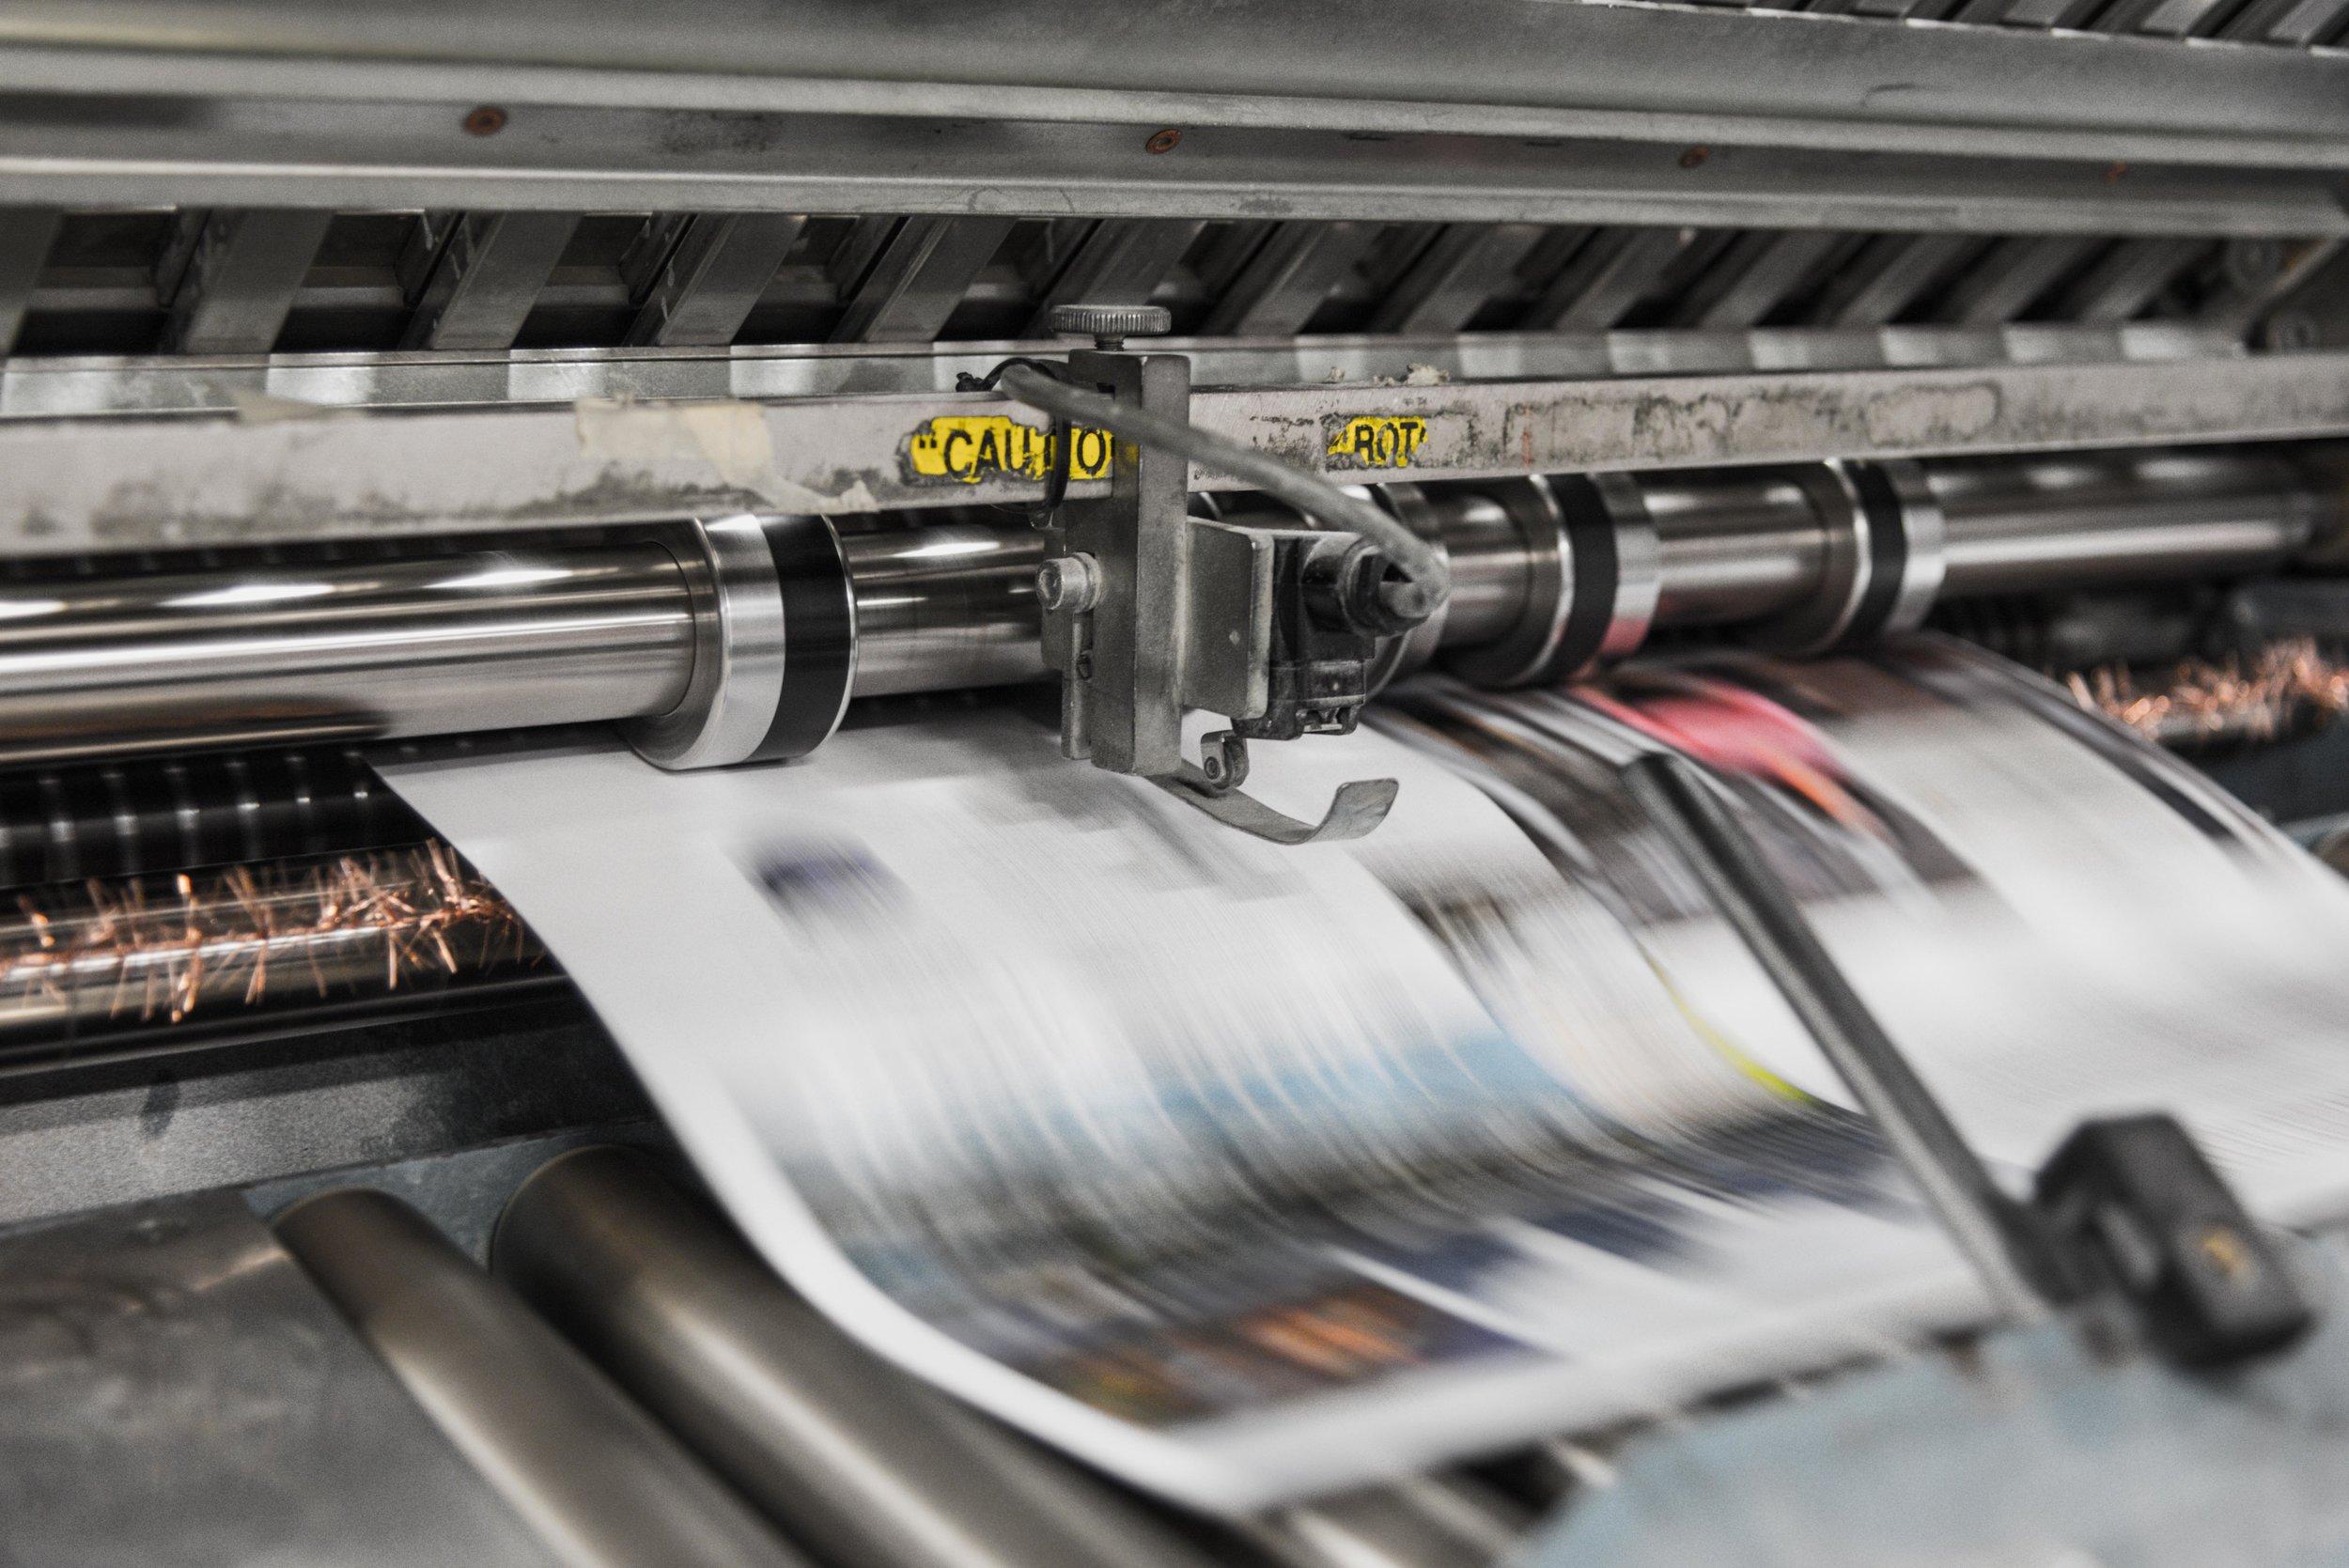 Selbst Zuhause ausdrucken - Wenn du möchtest, kannst du dir den Aufkleber auch kostenlos herunterladen und ausdrucken: